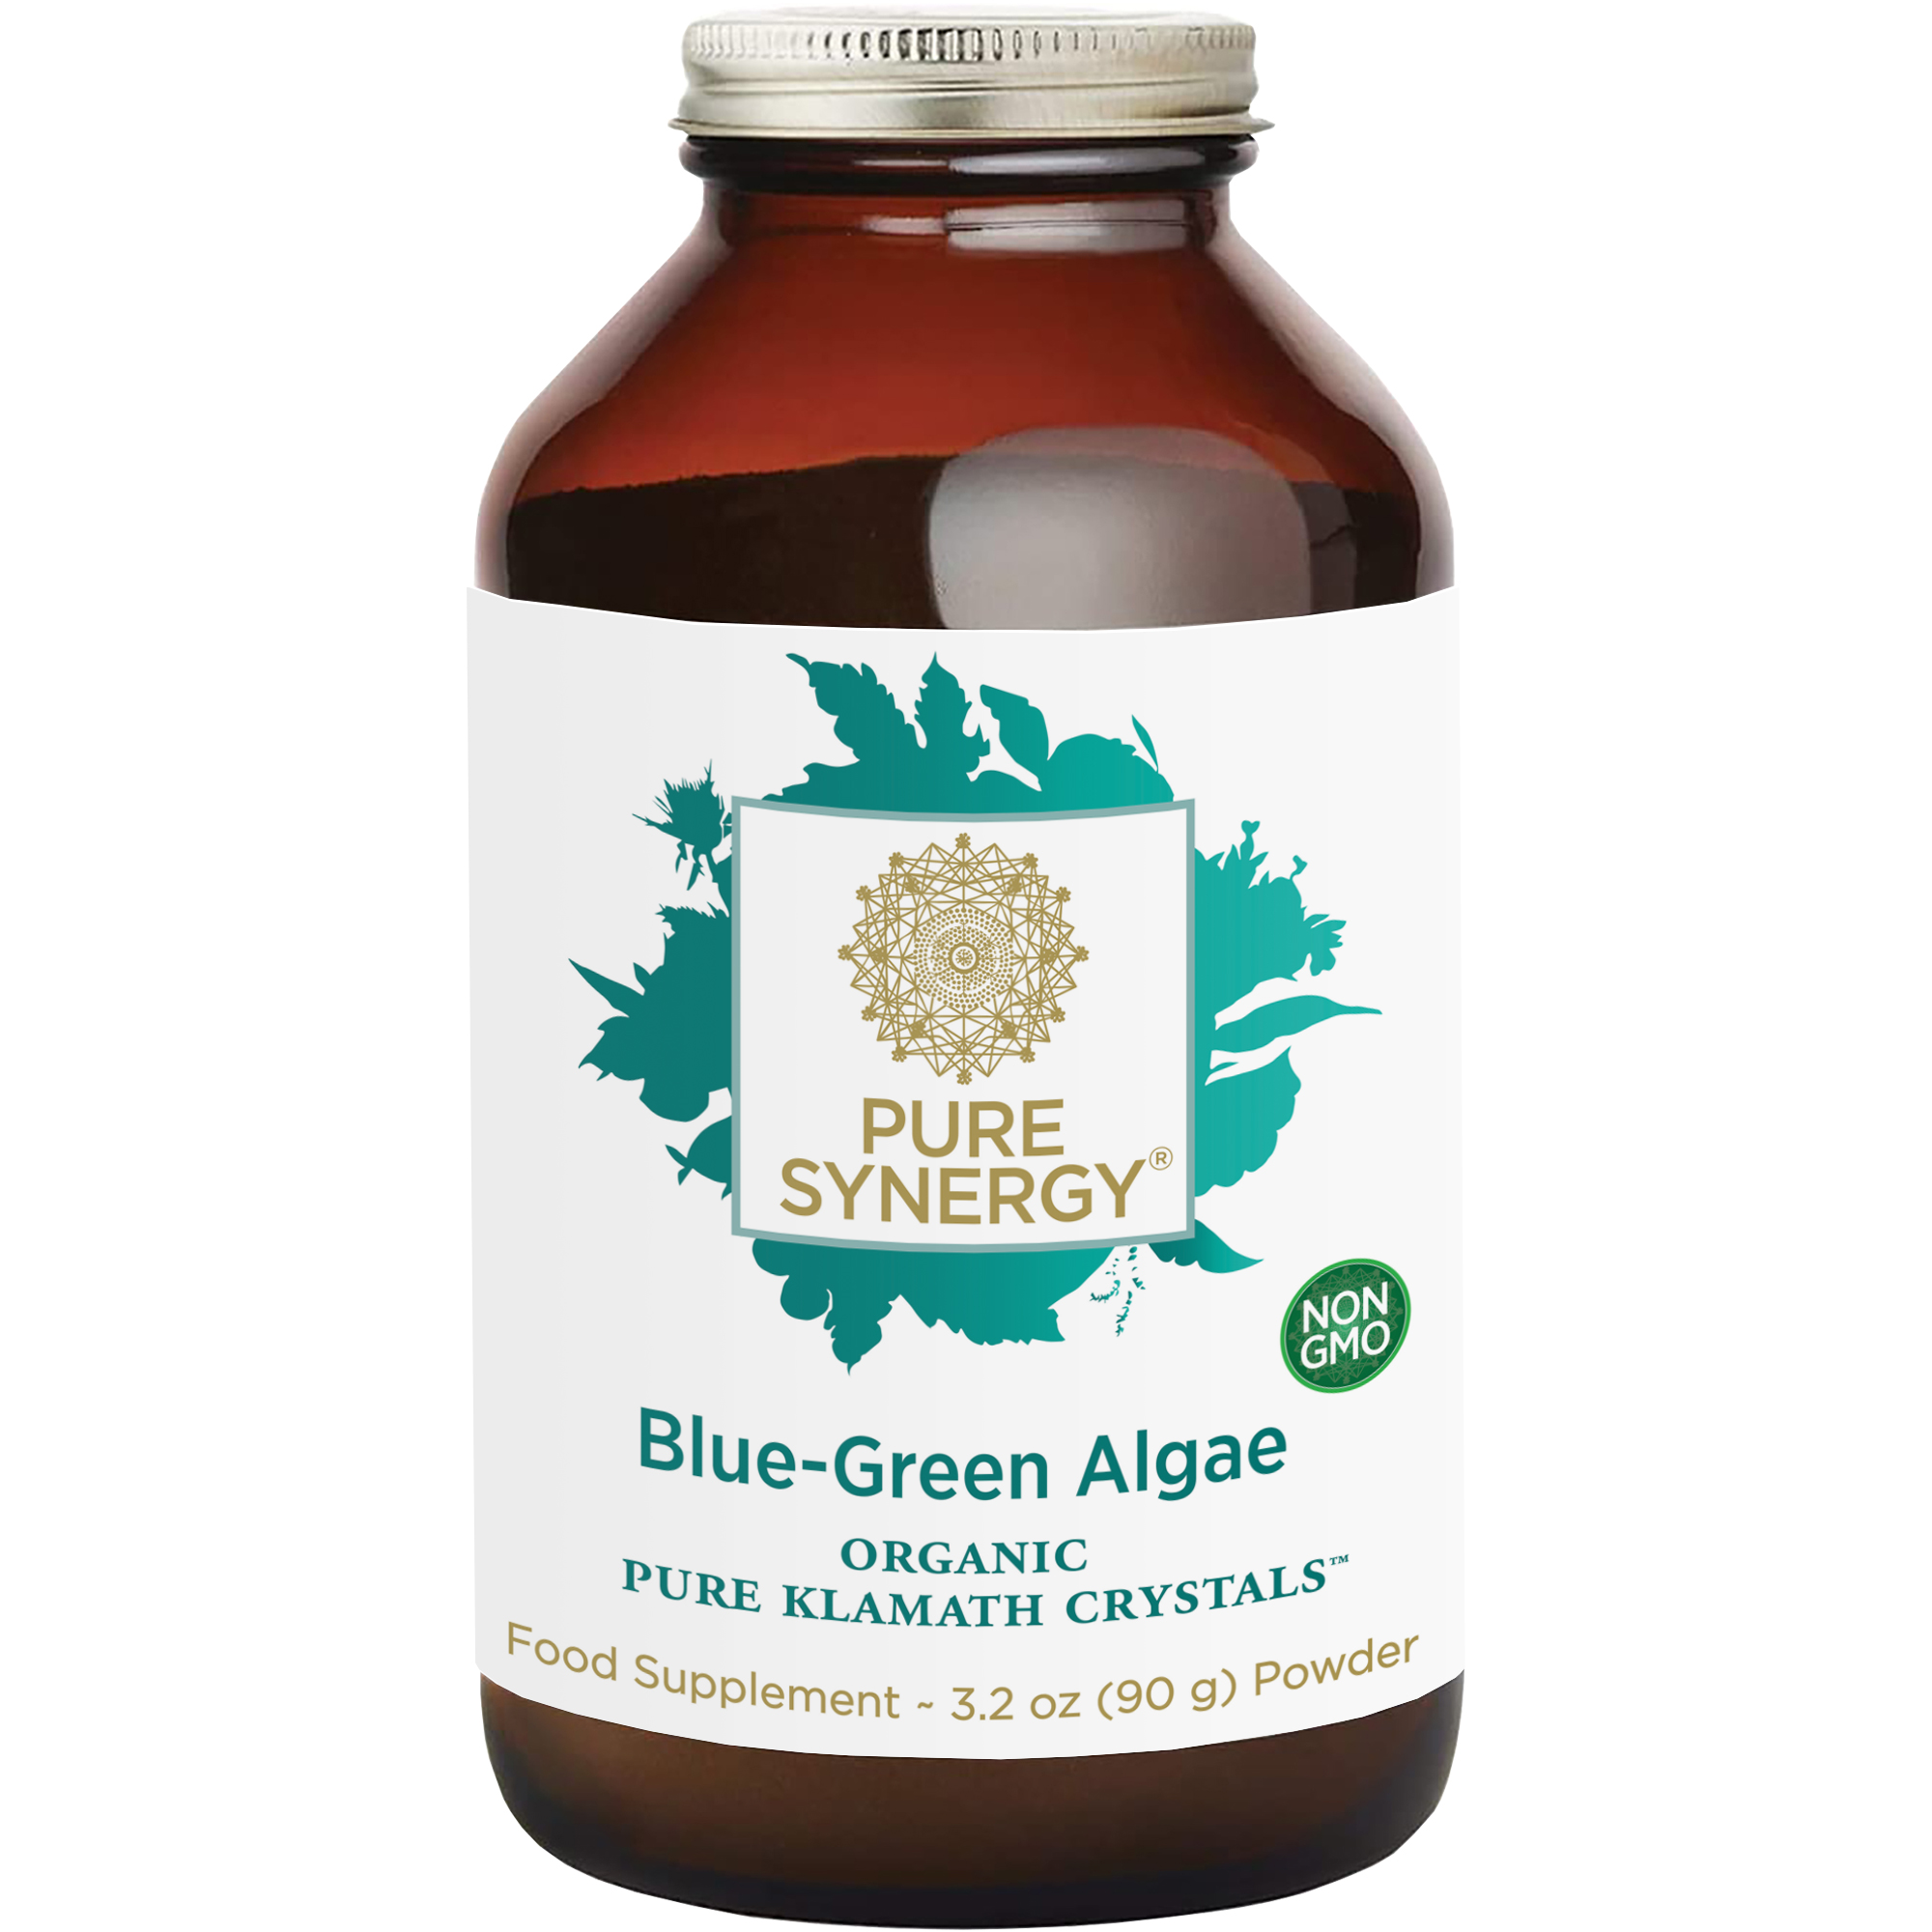 Blue-Green Algae Organic Pure Klamath Crystals 90g